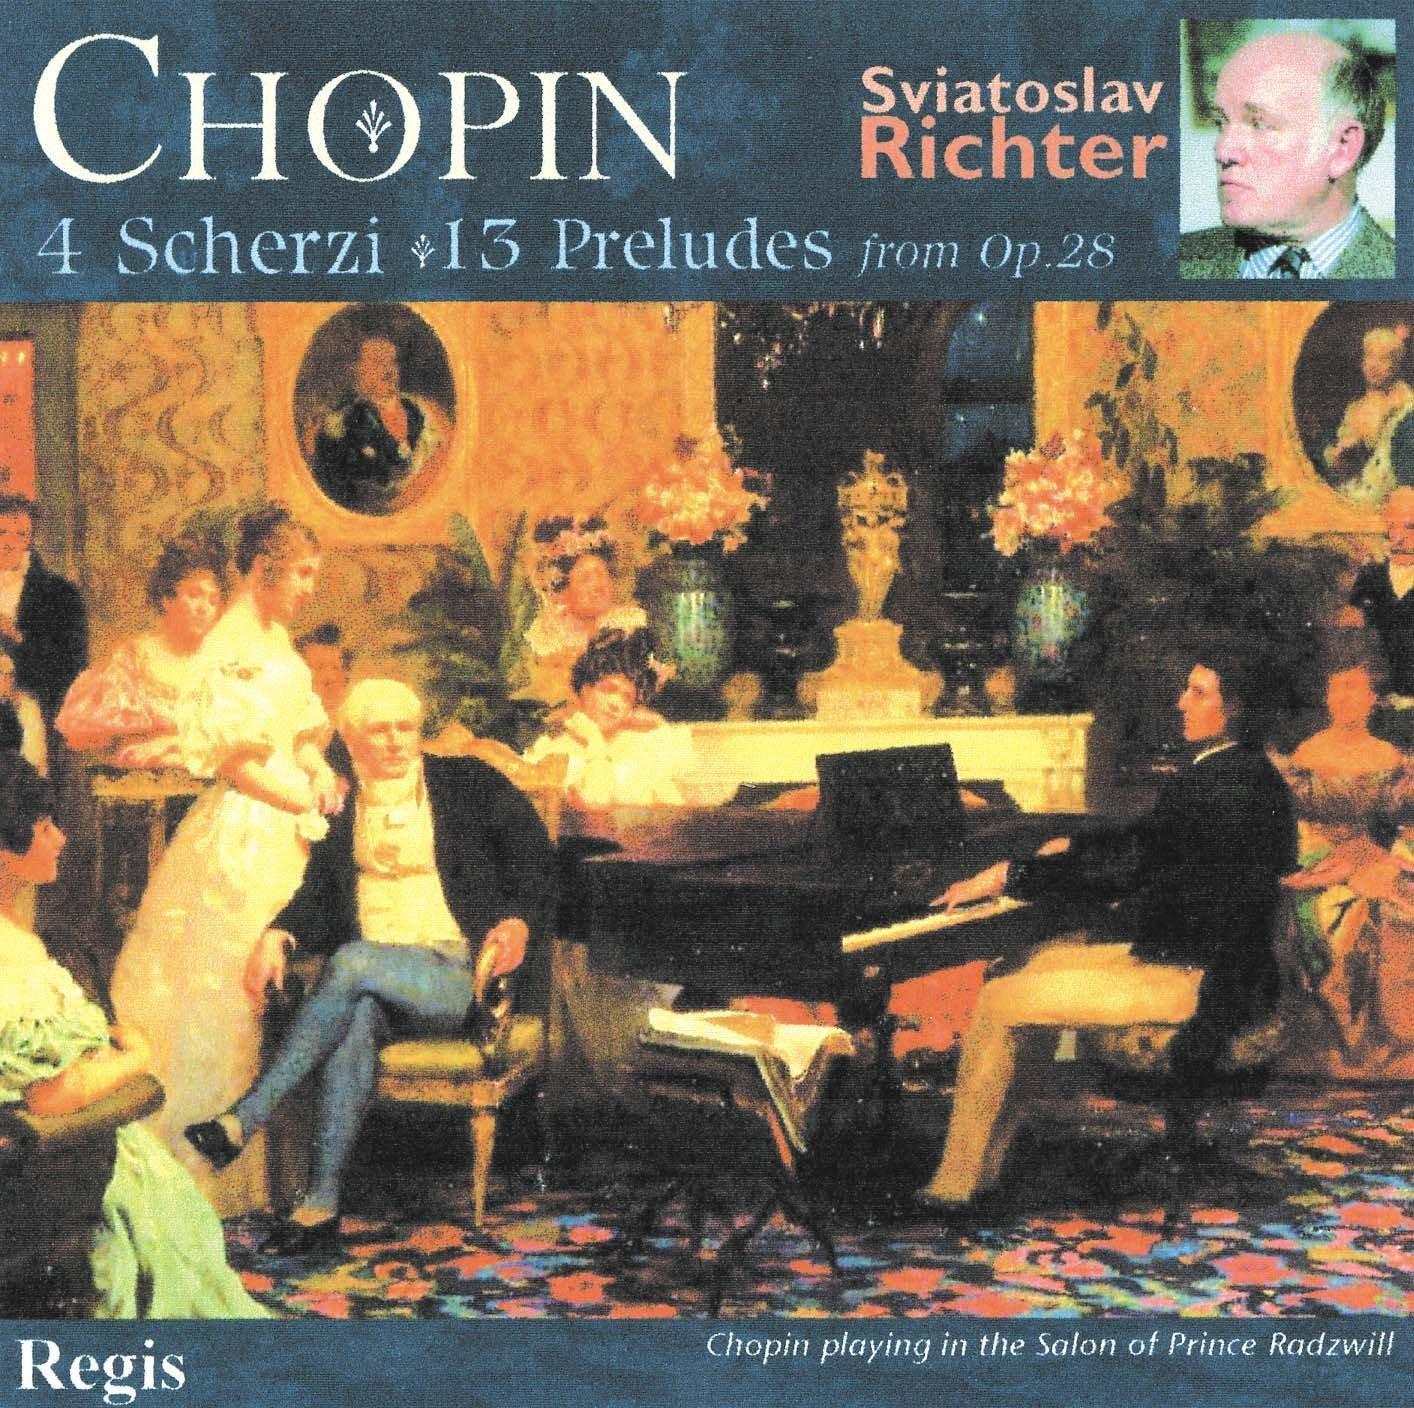 Chopin, Richter Scherzi & Preludes